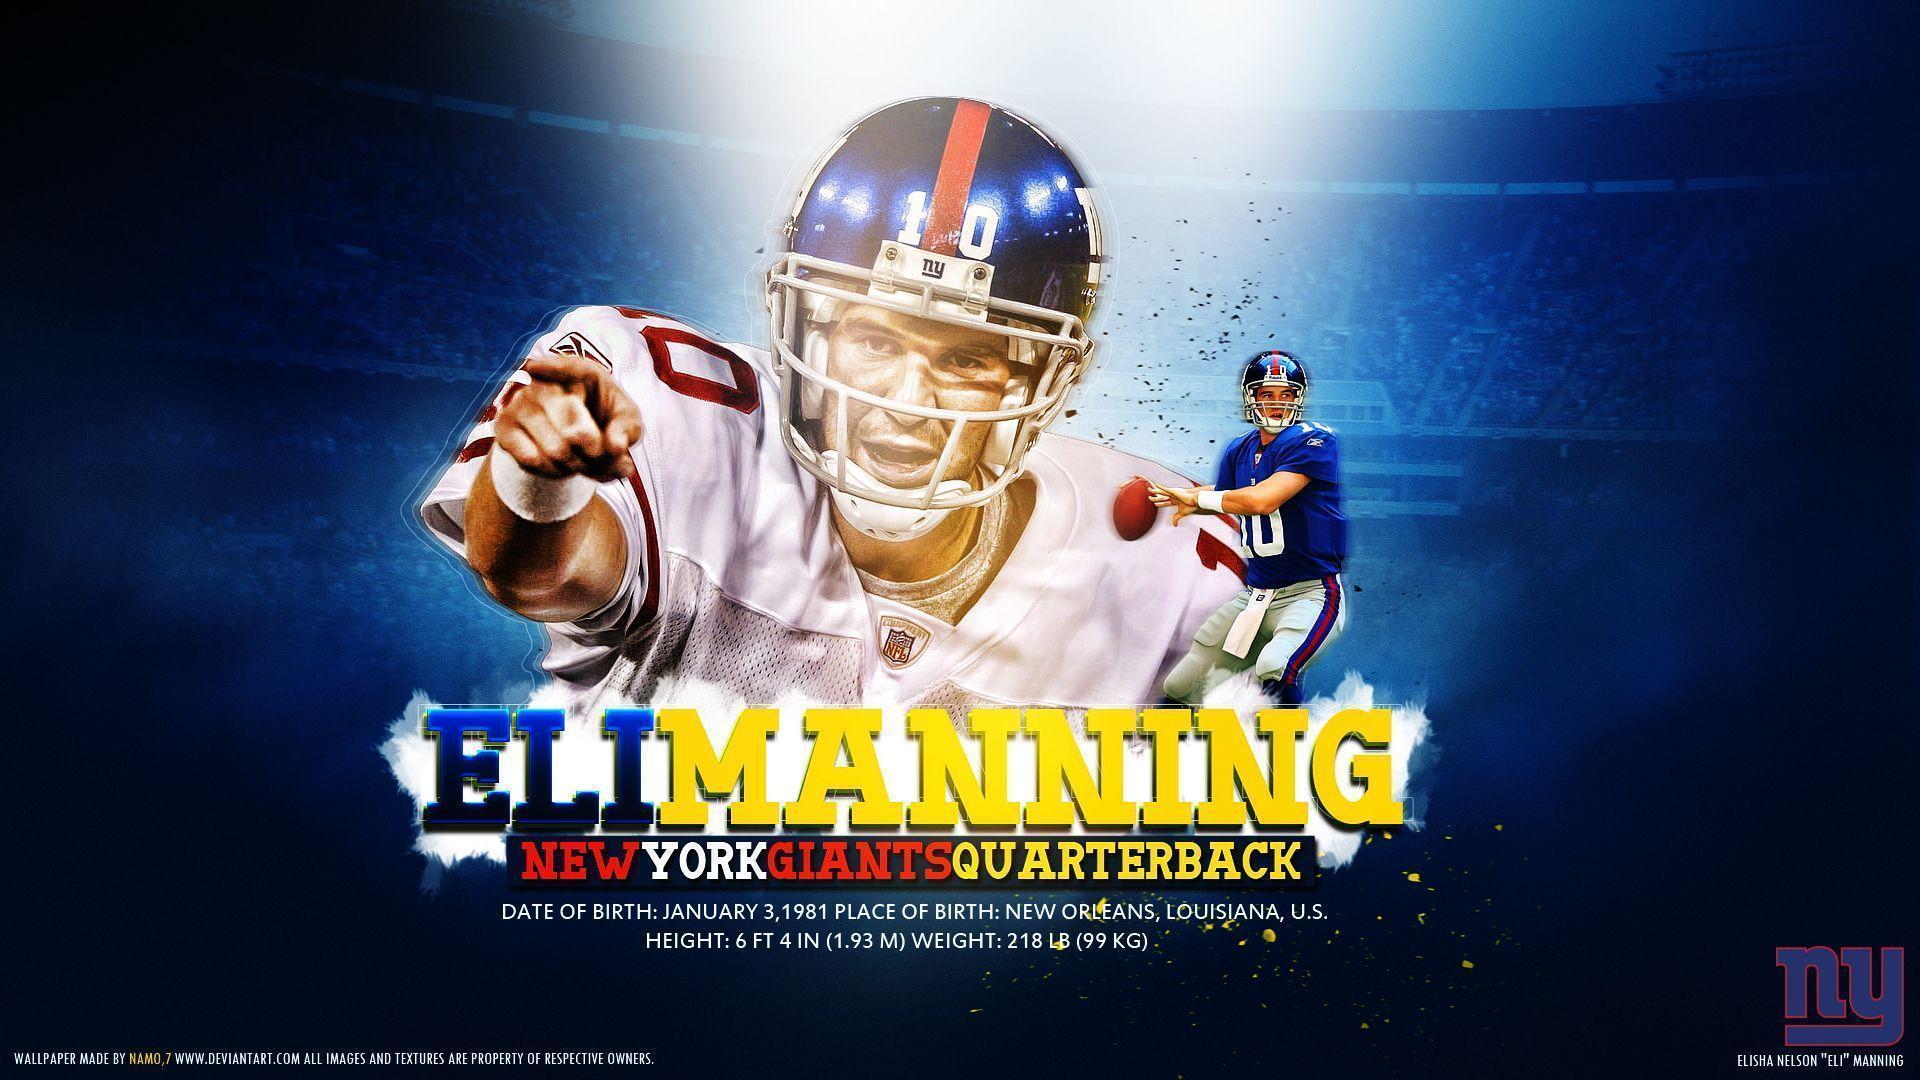 10 Elisha Nelson Eli Manning by namo,7 by 445578gfx on DeviantArt